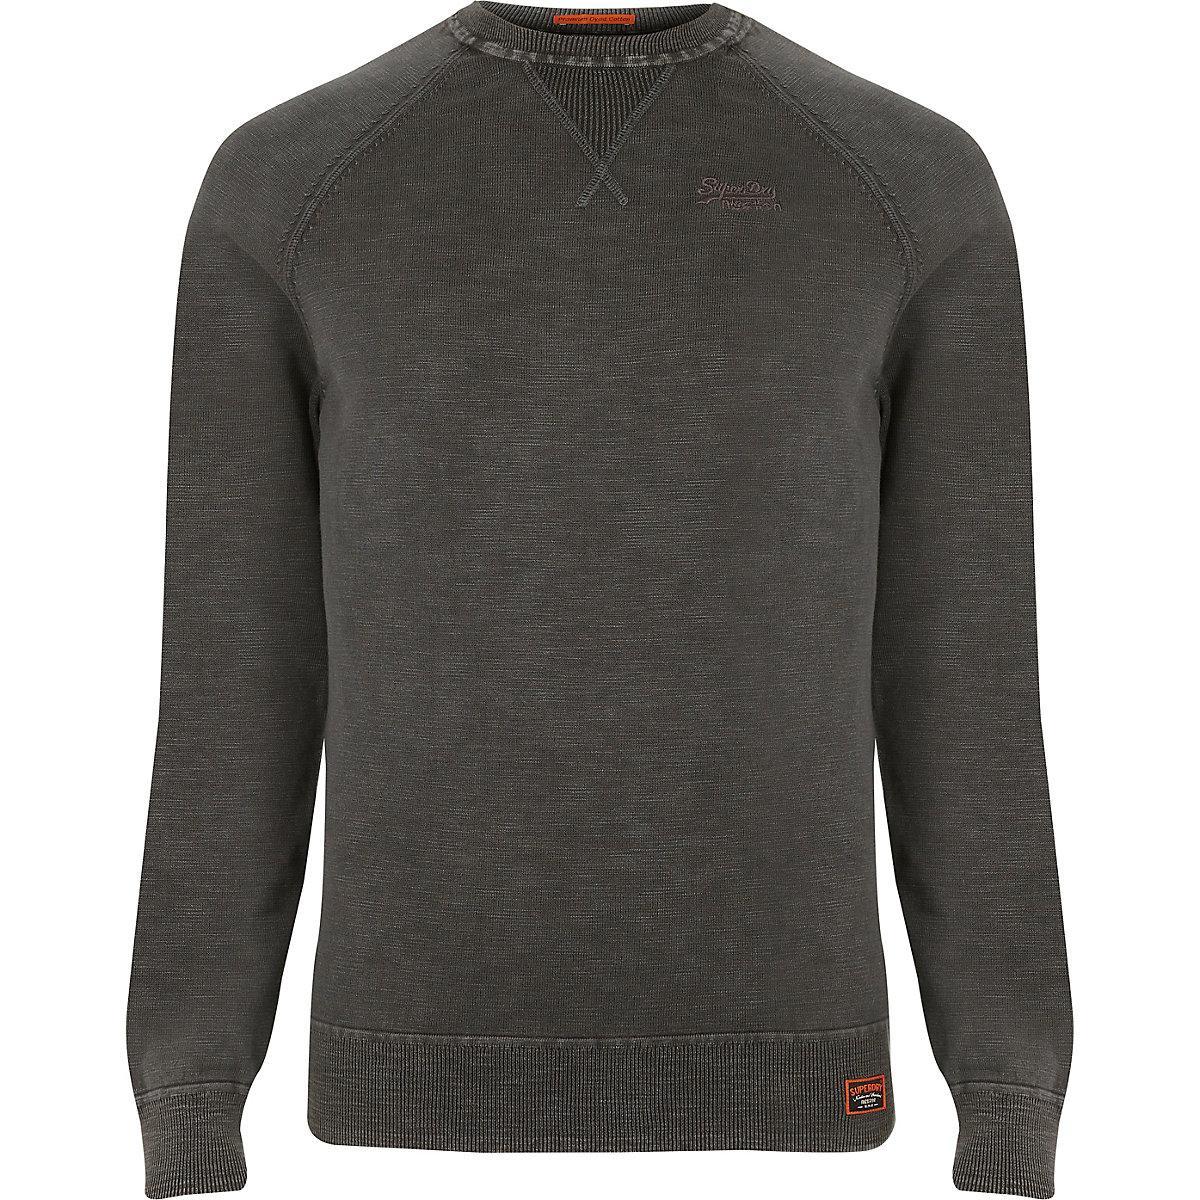 Superdry black jumper